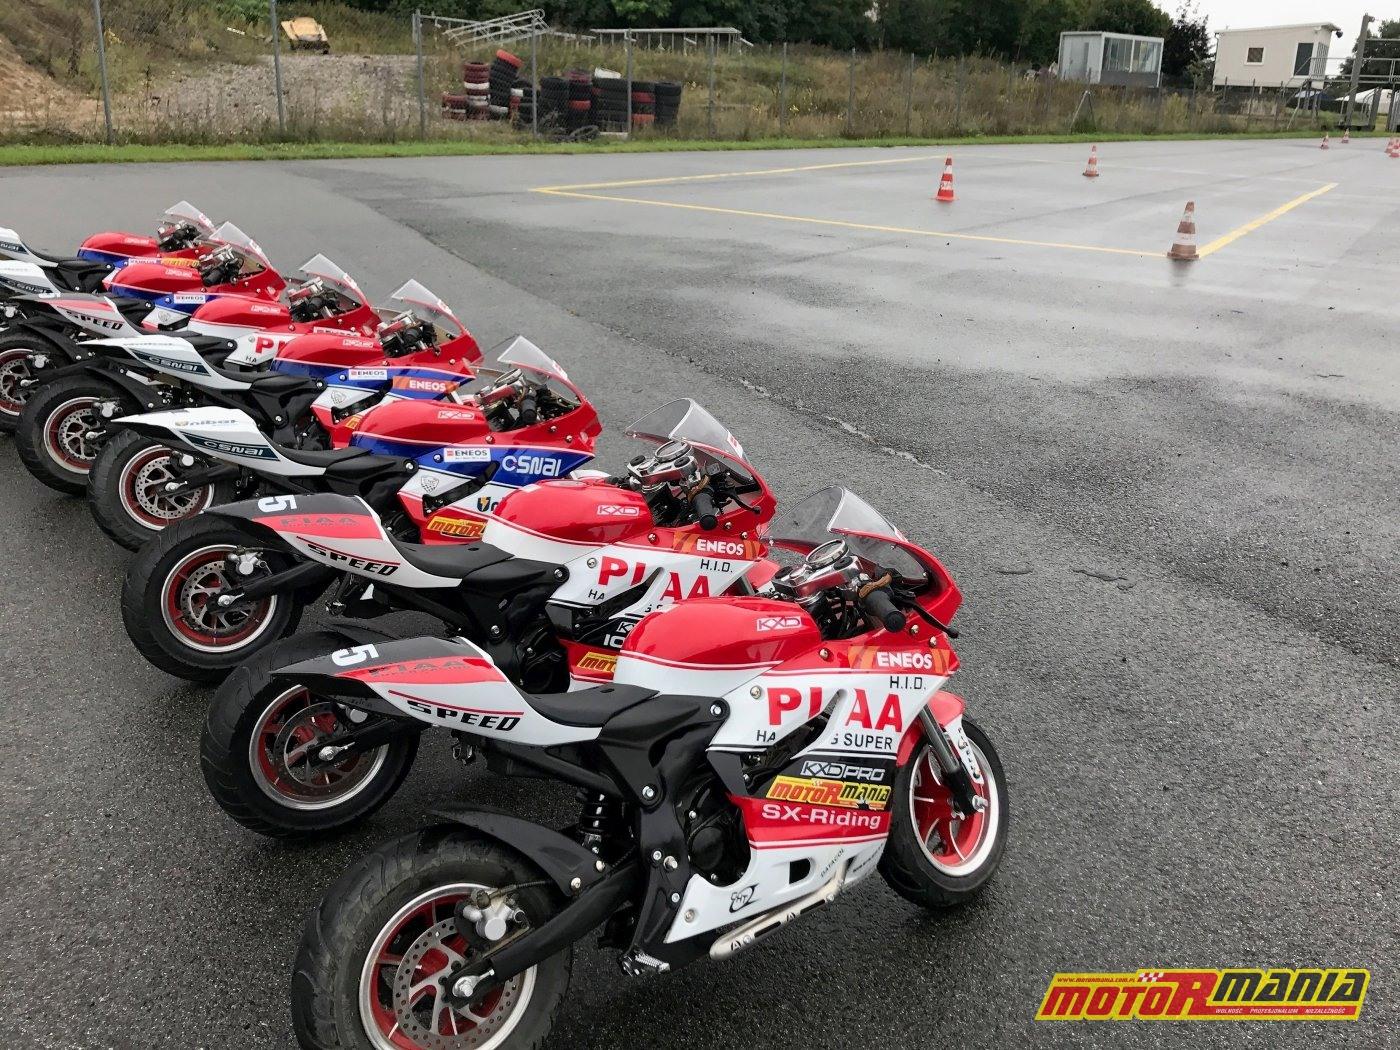 MotoRmania KidzGP - dzieci na motocyklach (5)